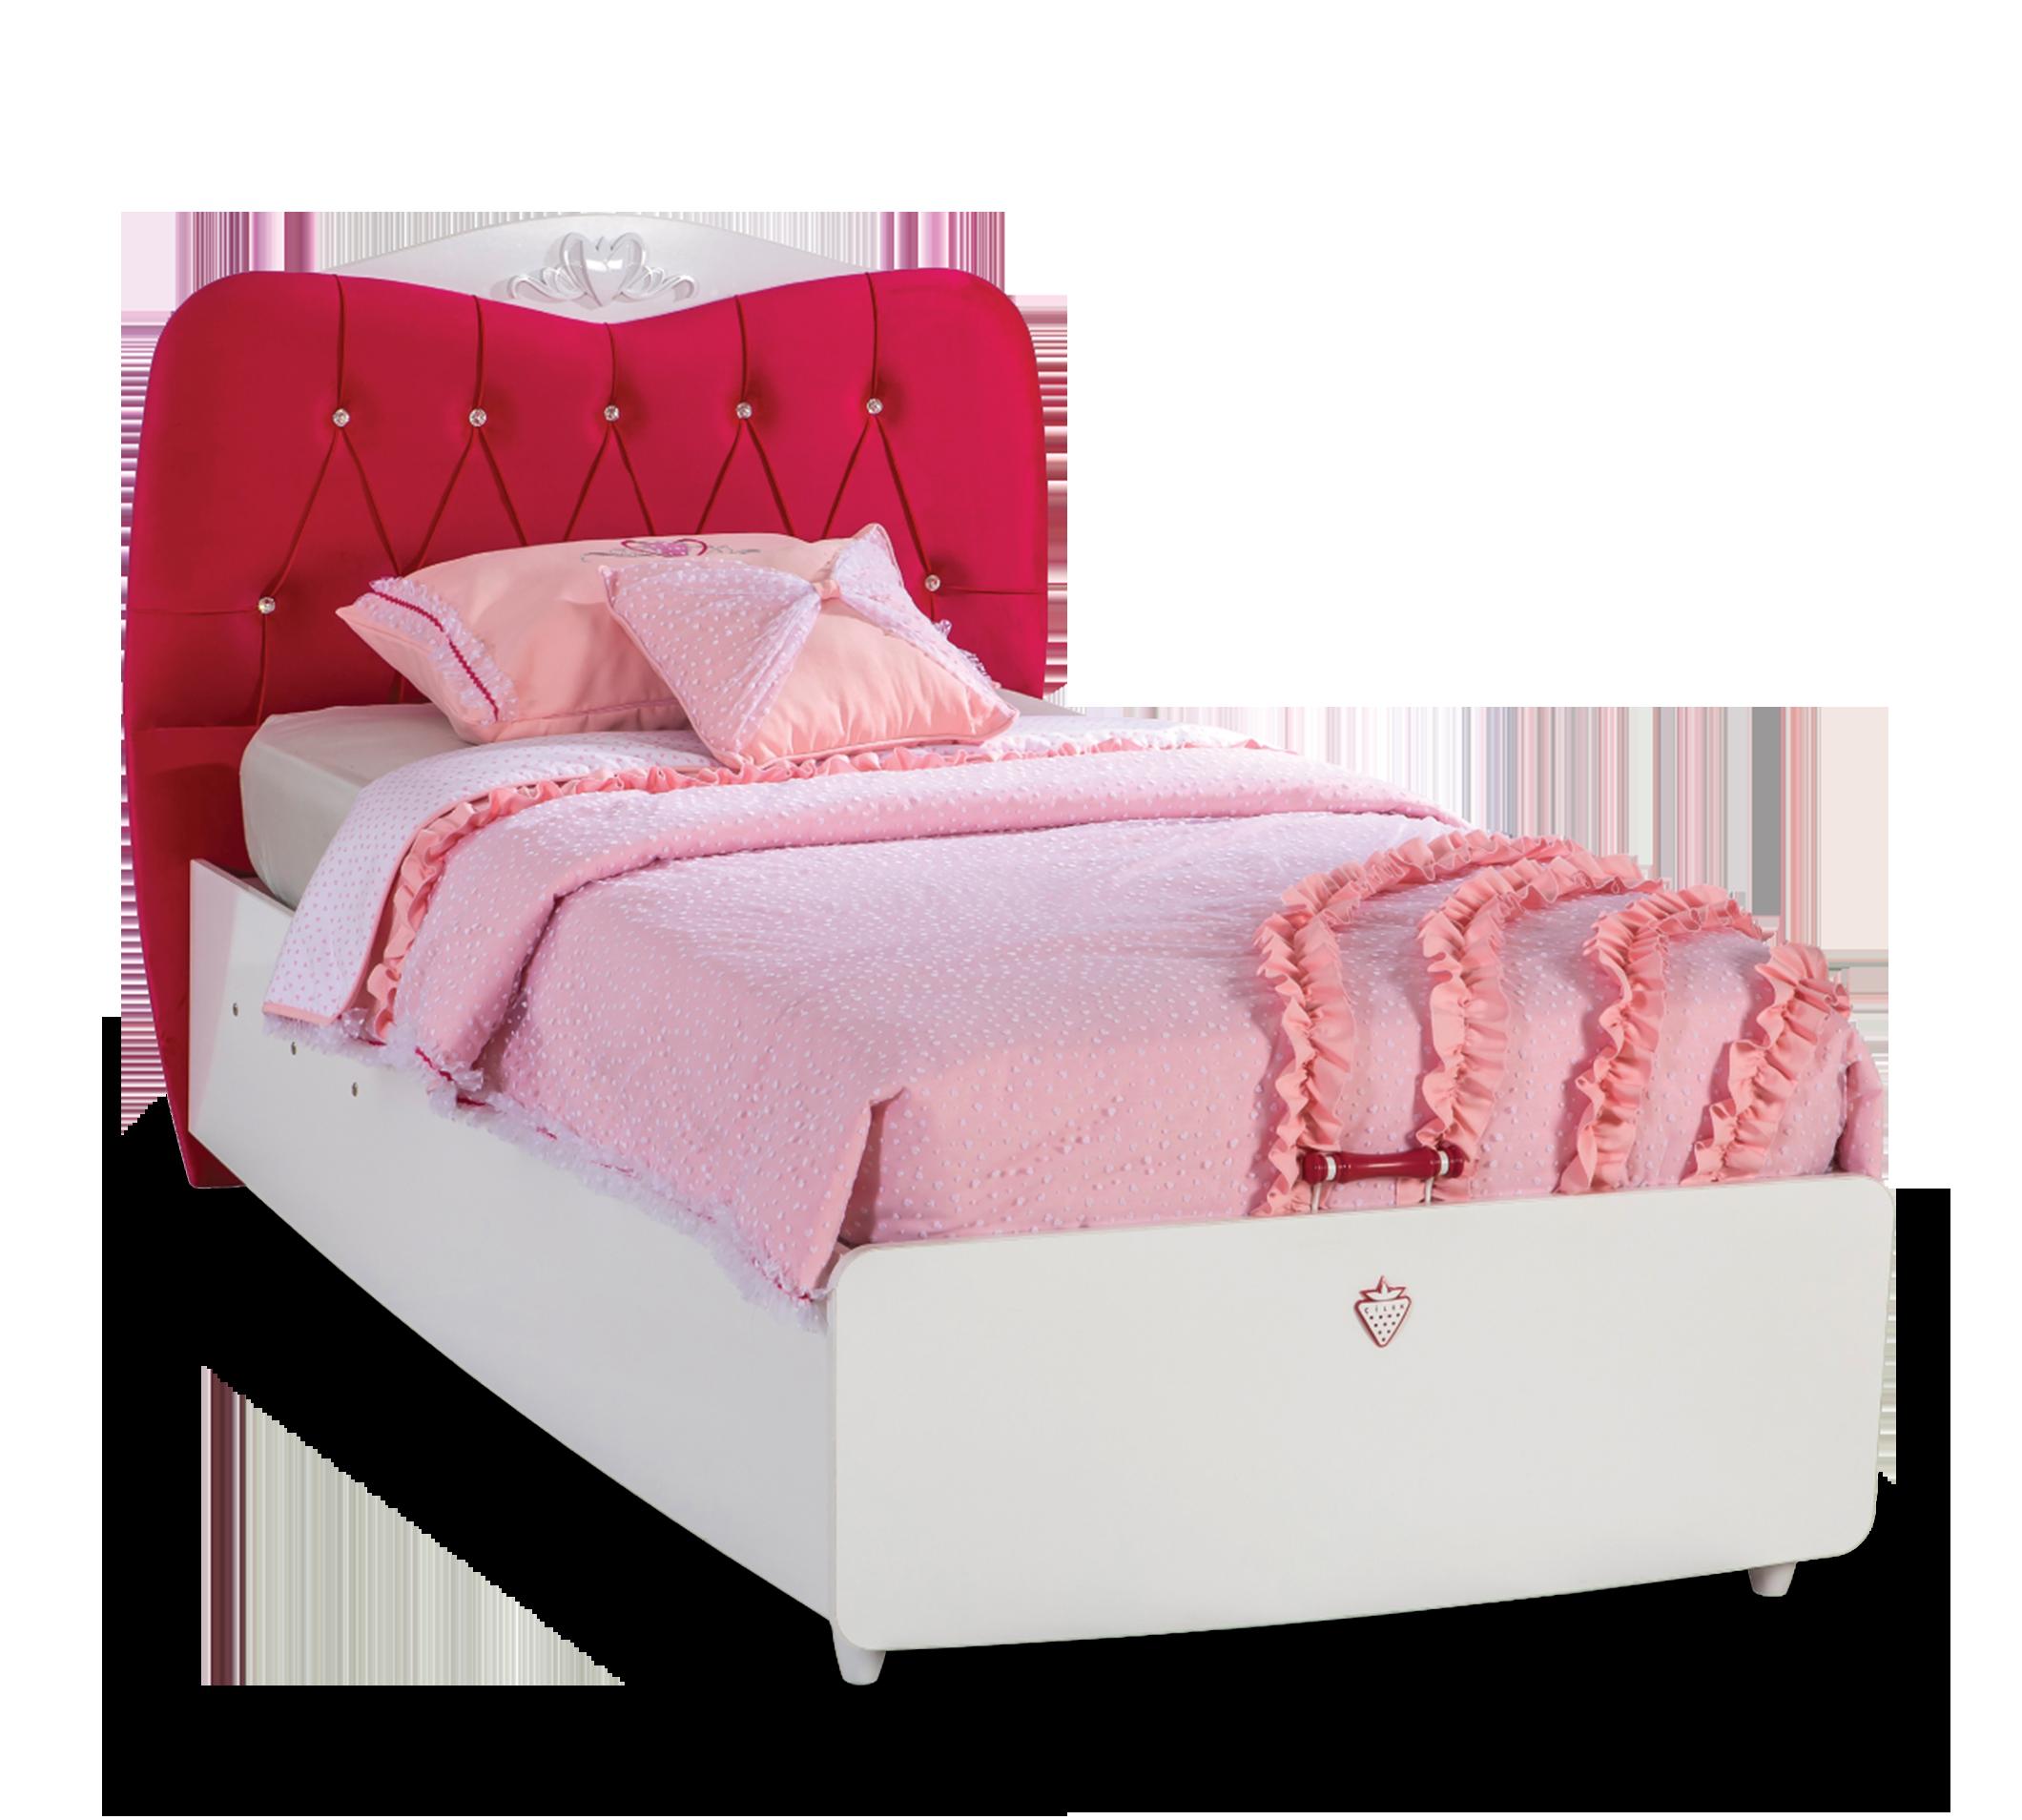 cilek yakut bett mit stauraum praktisches bett mit viel. Black Bedroom Furniture Sets. Home Design Ideas